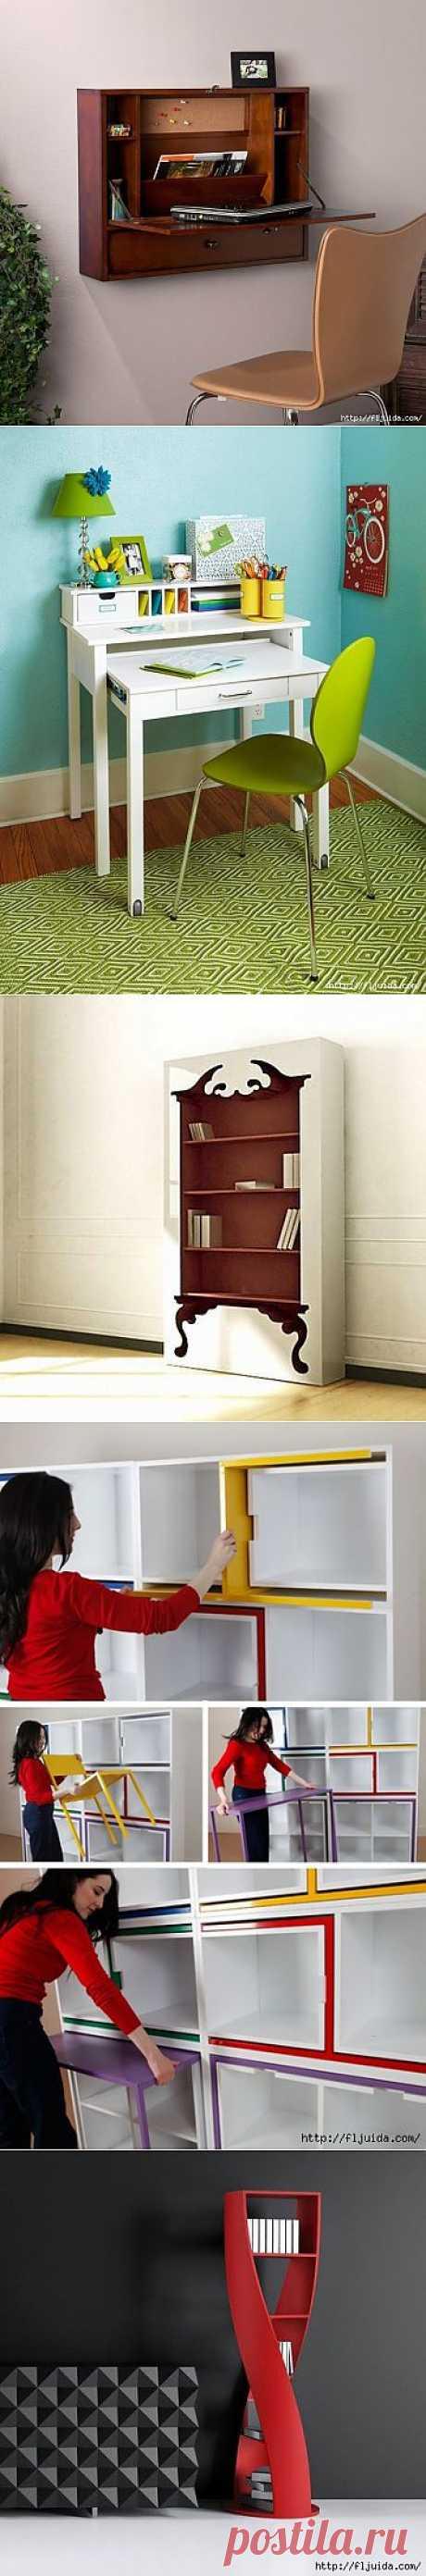 Оригинальные столы и другая мебель для интерьера..